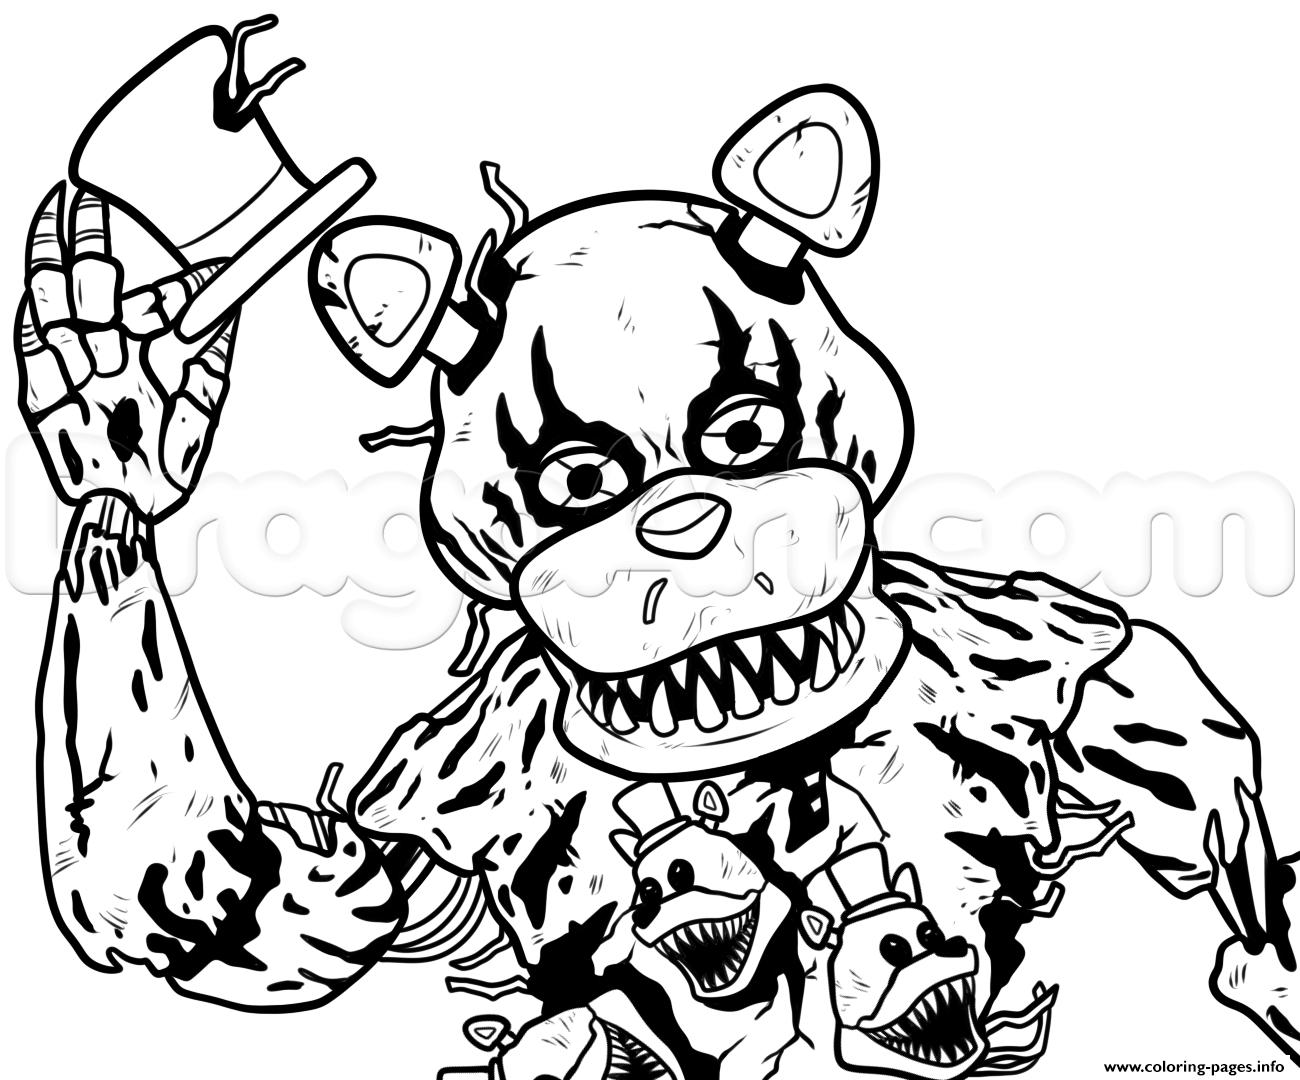 Print draw nightmare freddy fazbear five nights at freddys